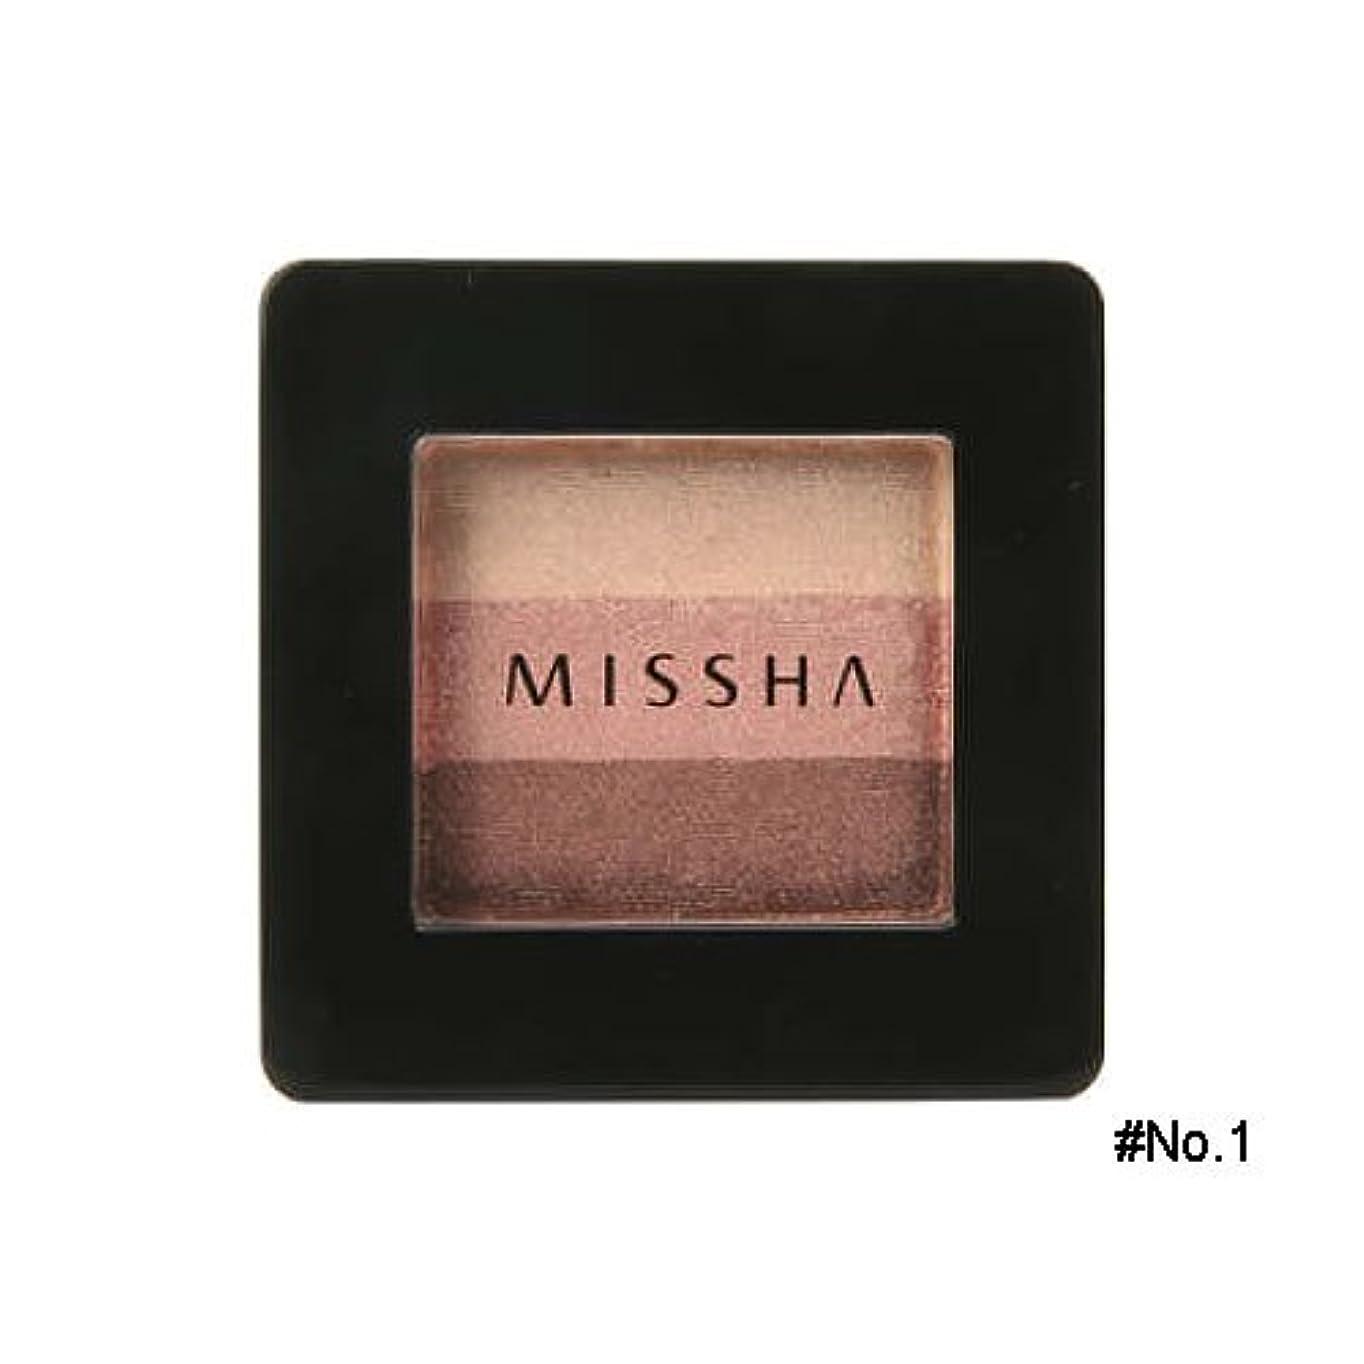 サバントより良い理解するミシャ(MISSHA) トリプルシャドウ 2g No.1(ブラウニーピンク) [並行輸入品]